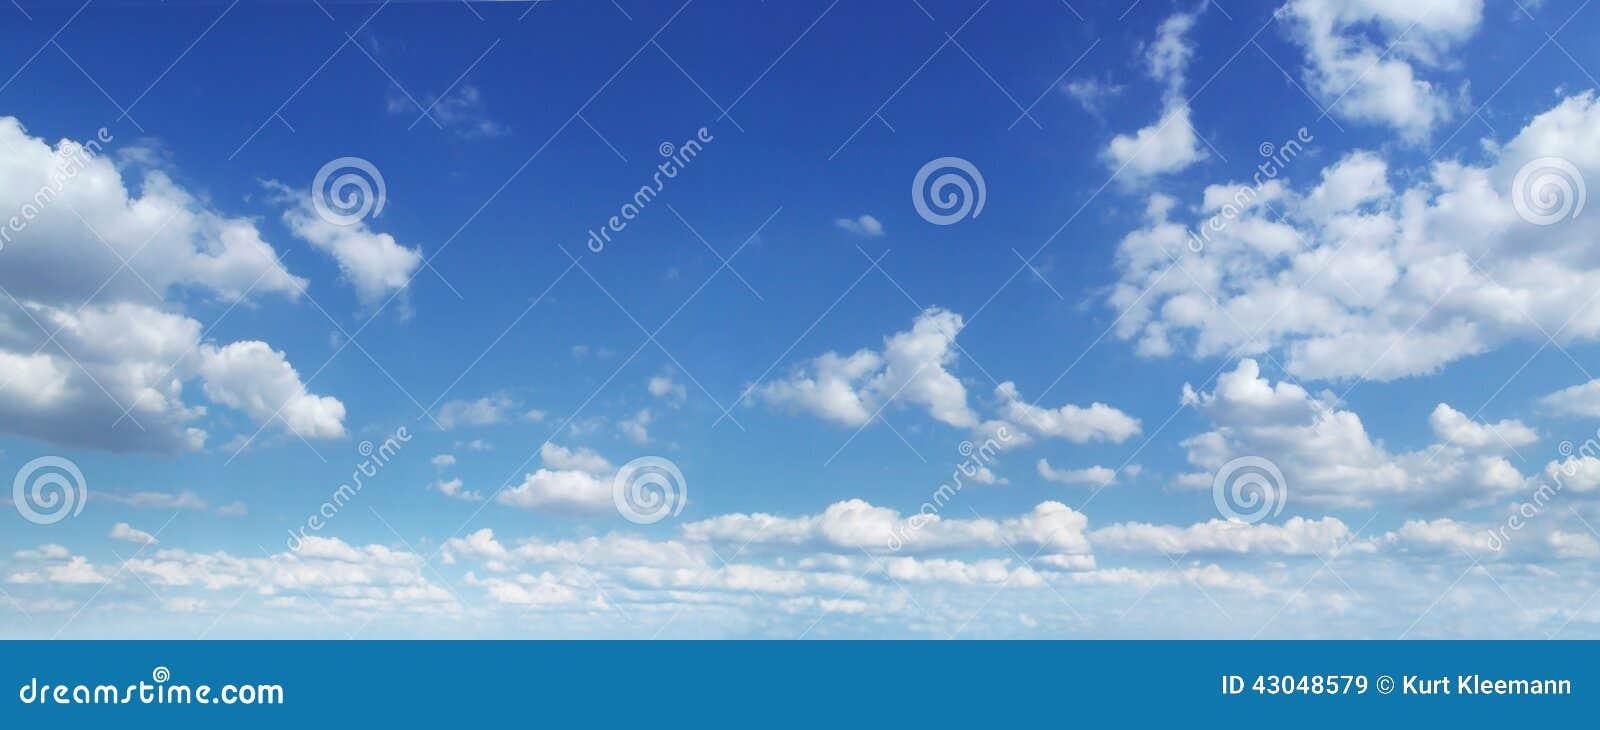 Panorama do céu nebuloso